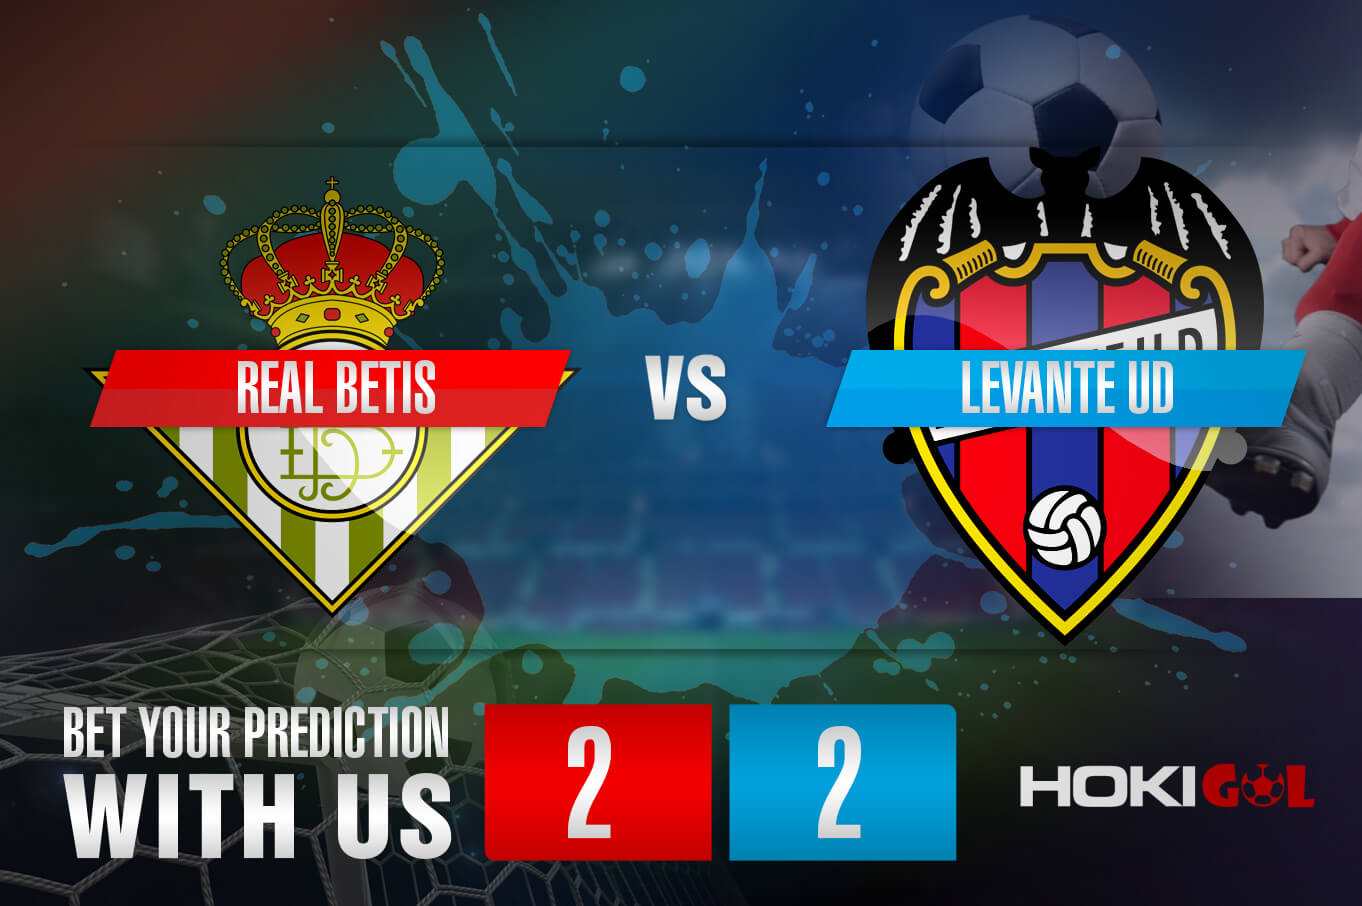 Prediksi Bola Real Betis Vs Levante UD 20 Maret 2021